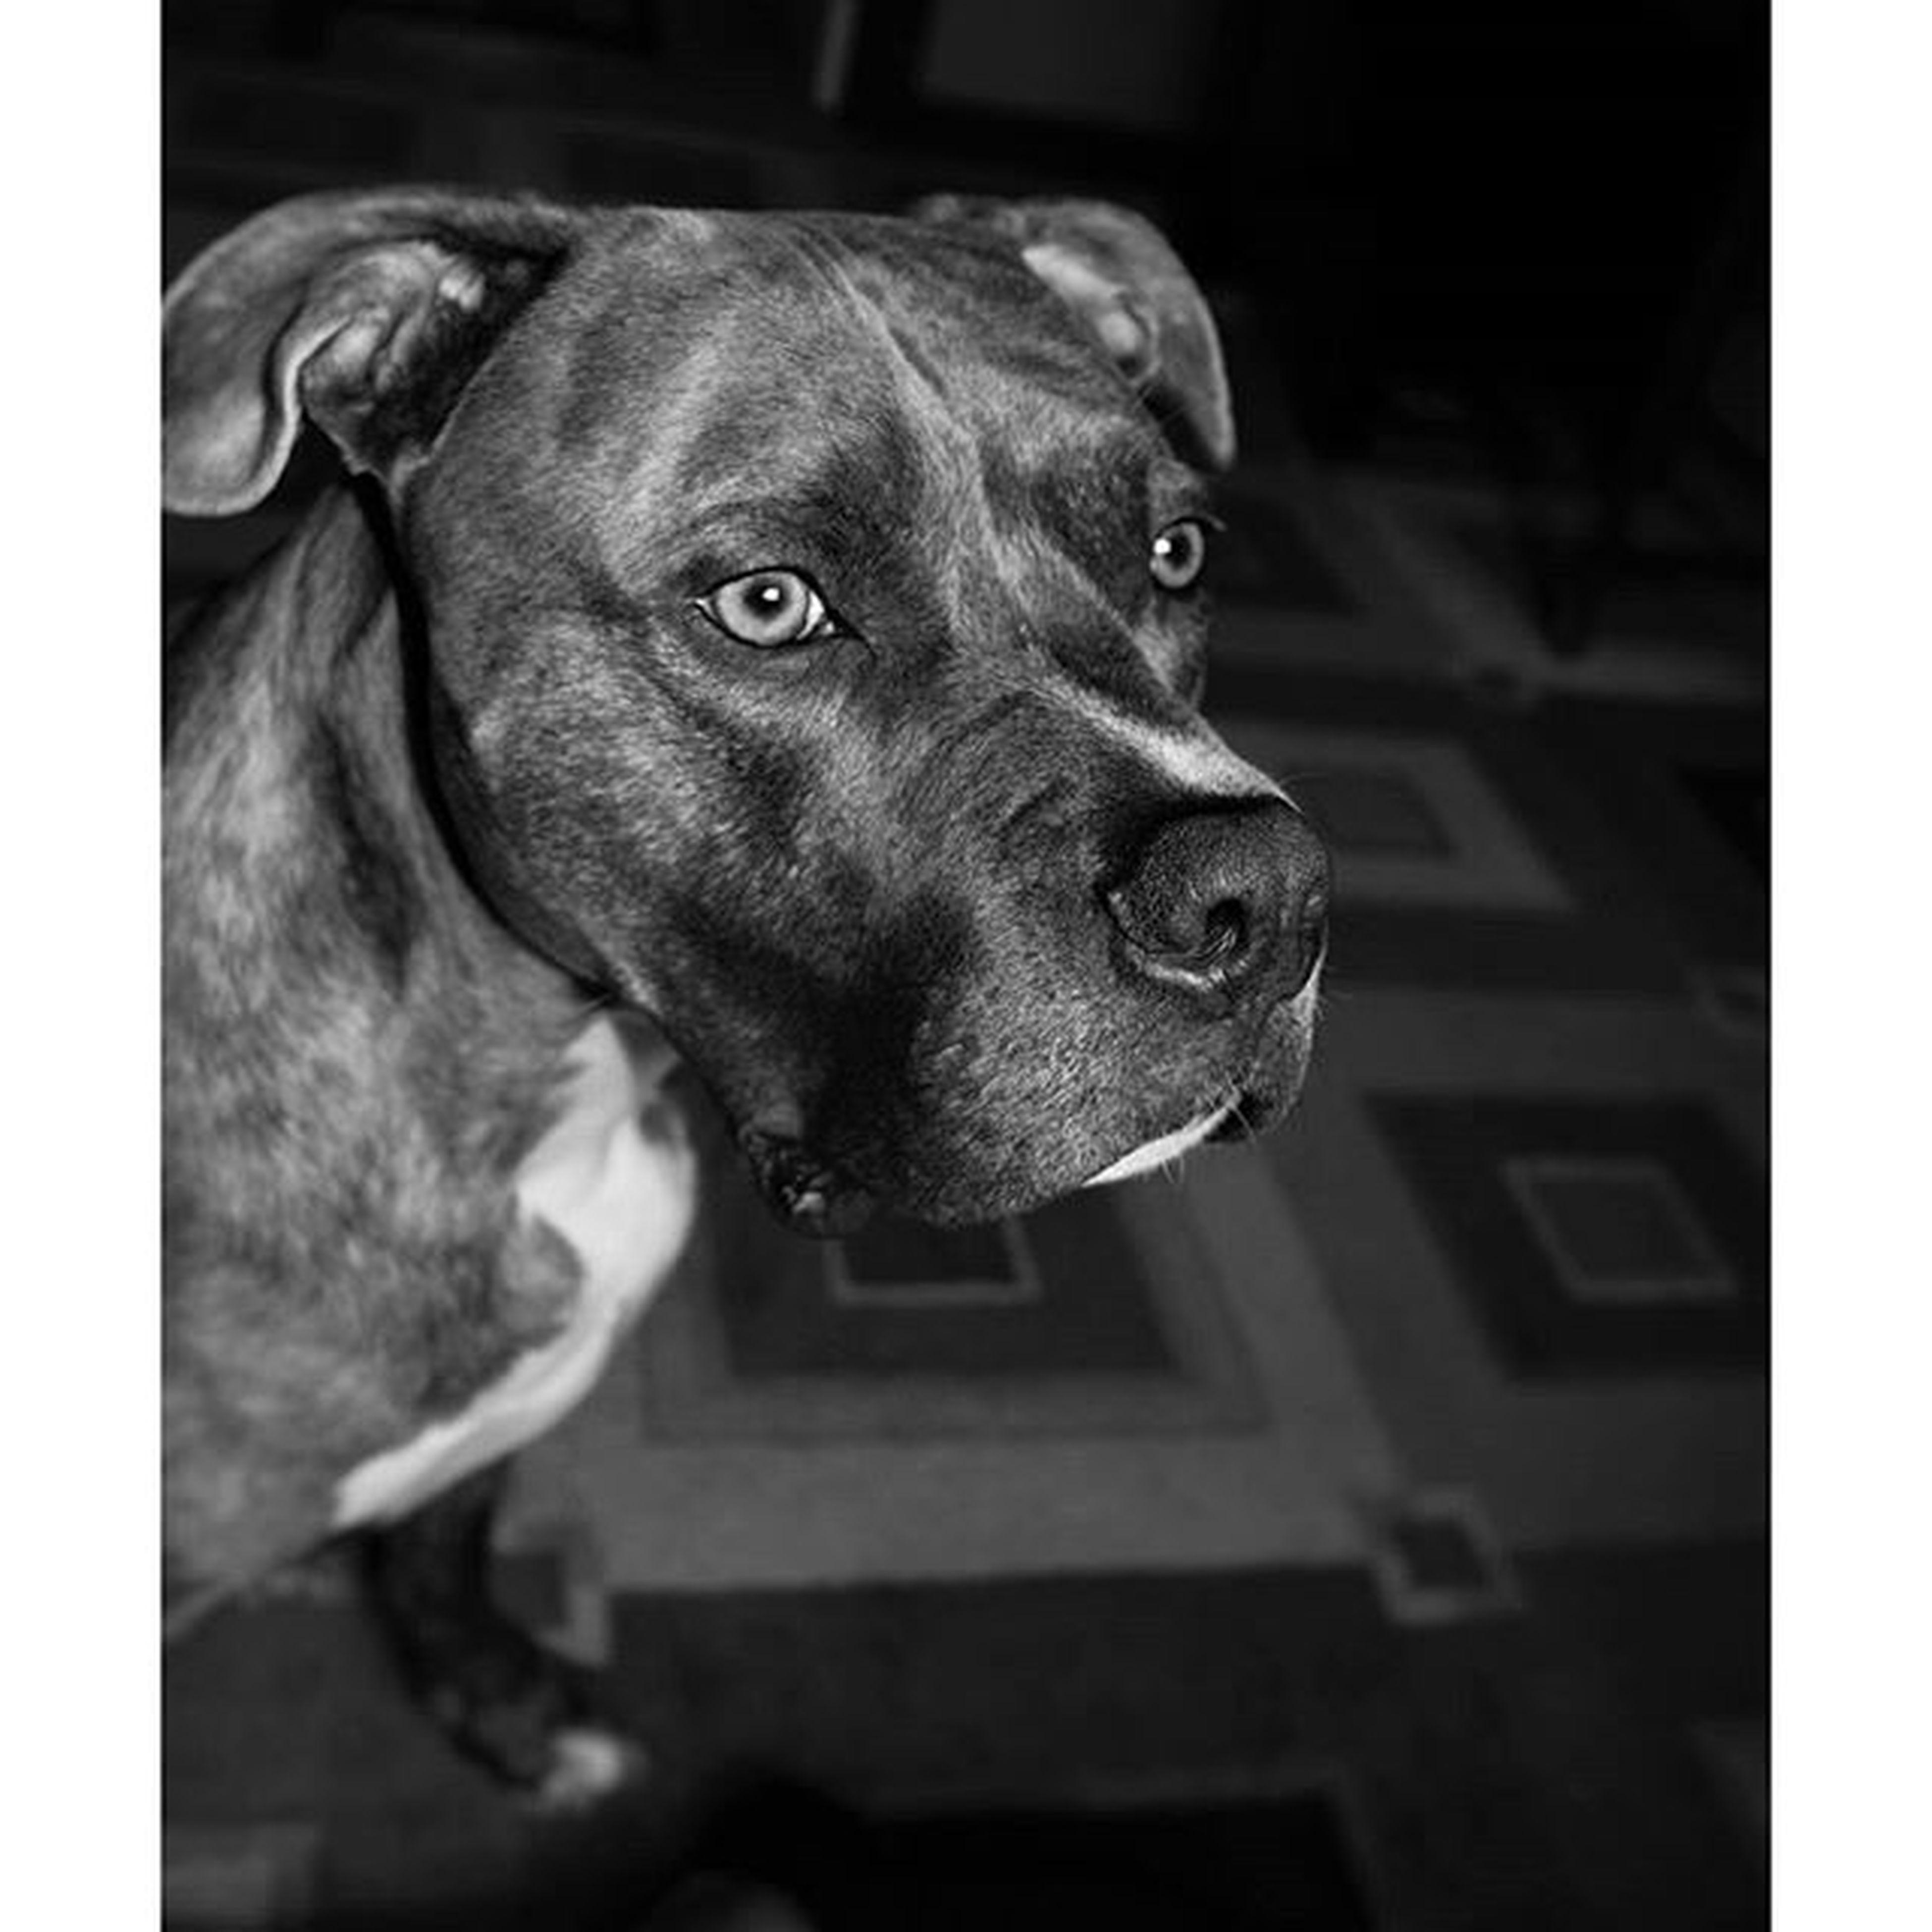 Mr. Biddy Bomp awaits her return 🐕❤ Enzothedog Pittiesofig Pitbullsofinstagram